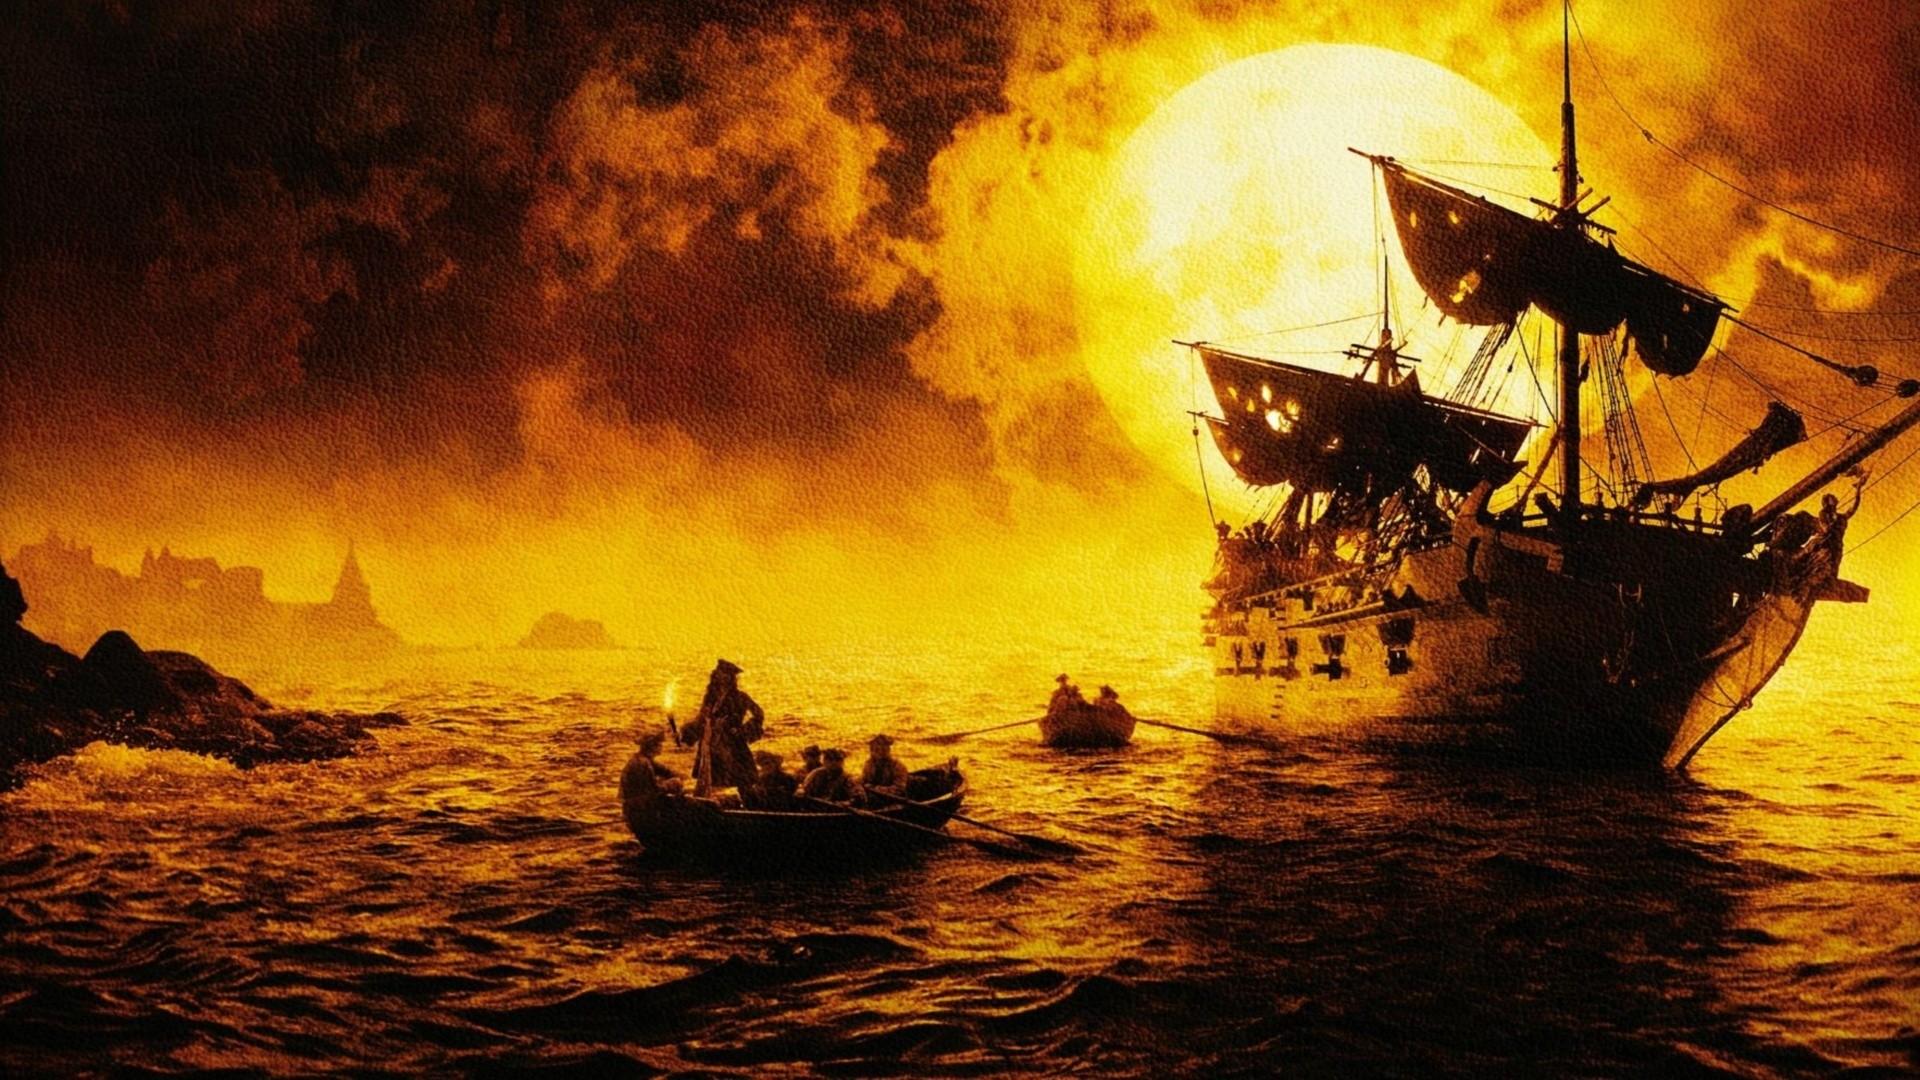 пираты карибского моря джек воробей море природа остров песок лодка вода  № 1386166 загрузить